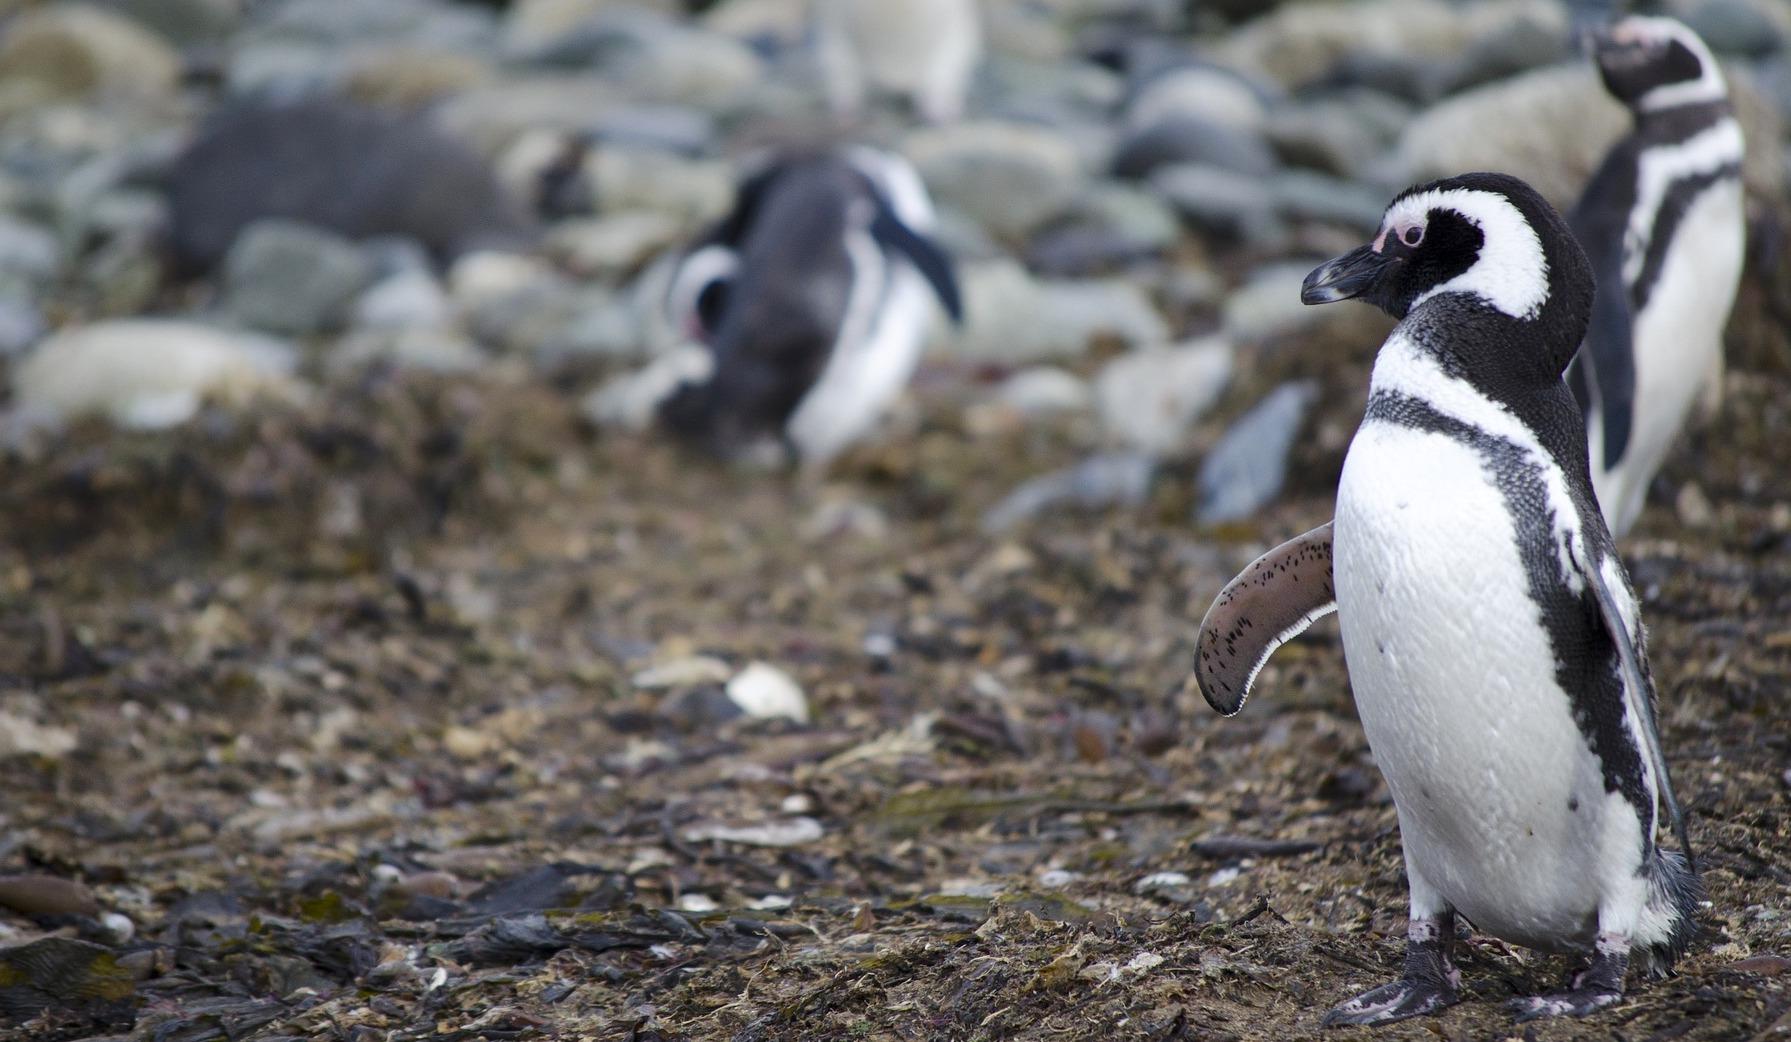 Penguins in Patagonia Argentina